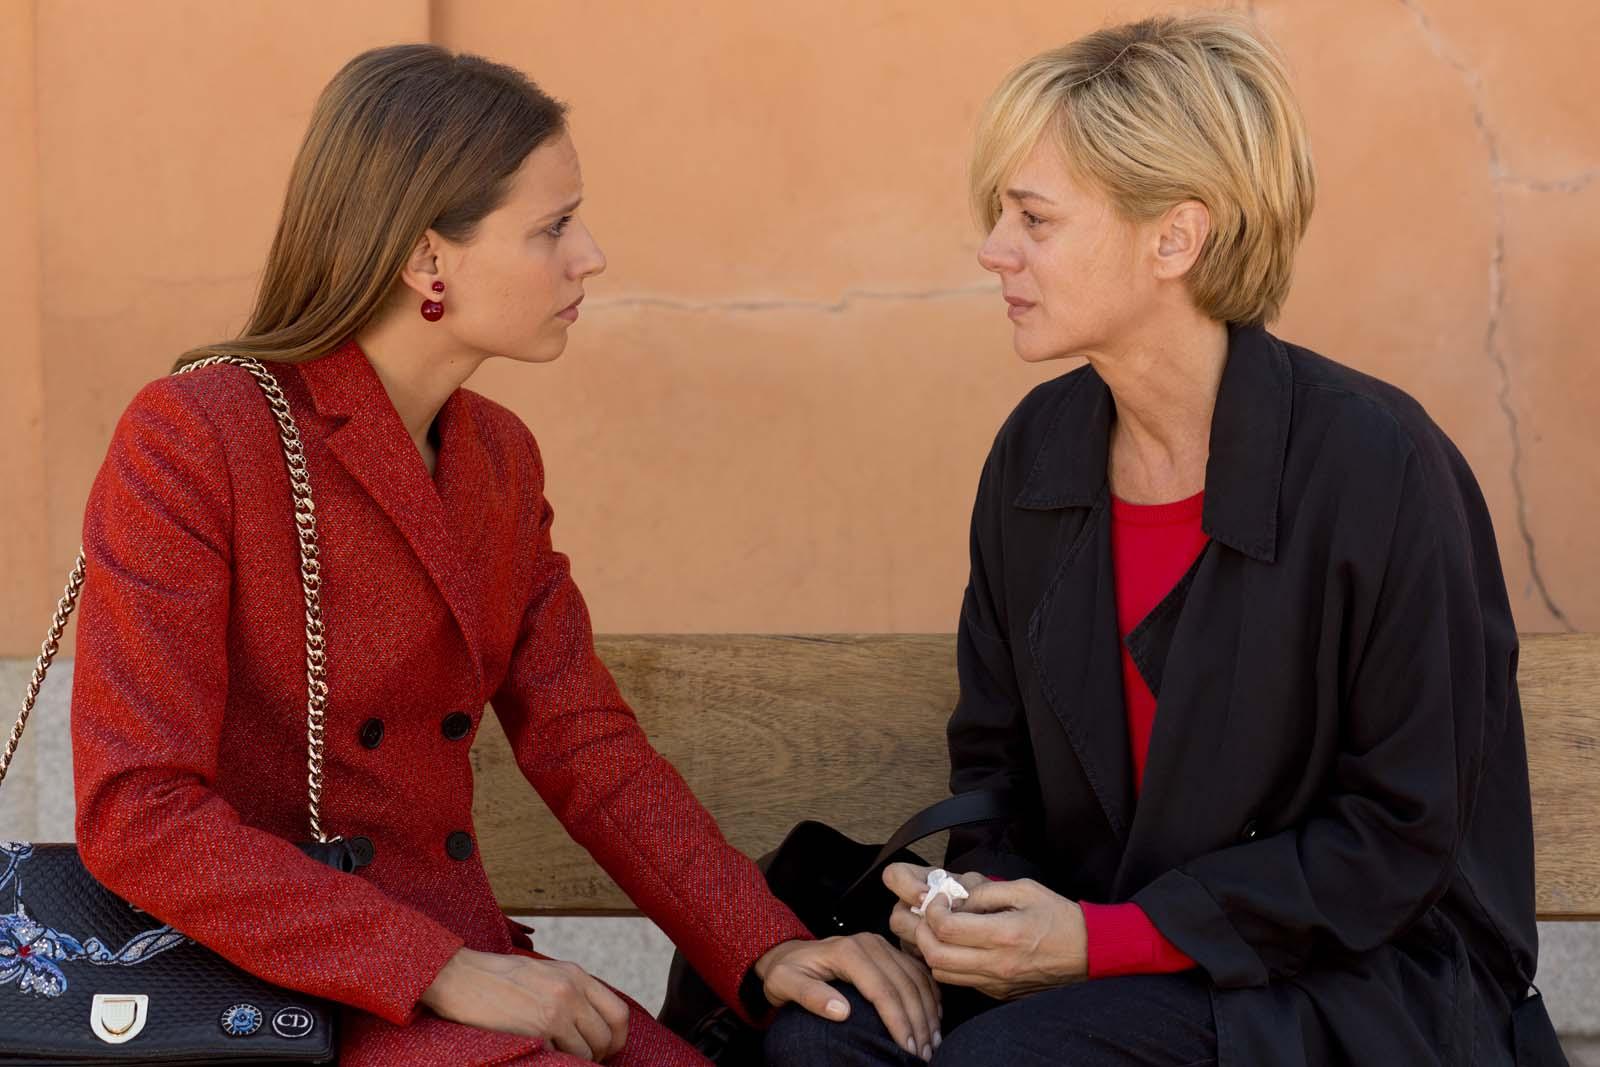 Lo que Julieta calla, la nueva película de Almodóvar.